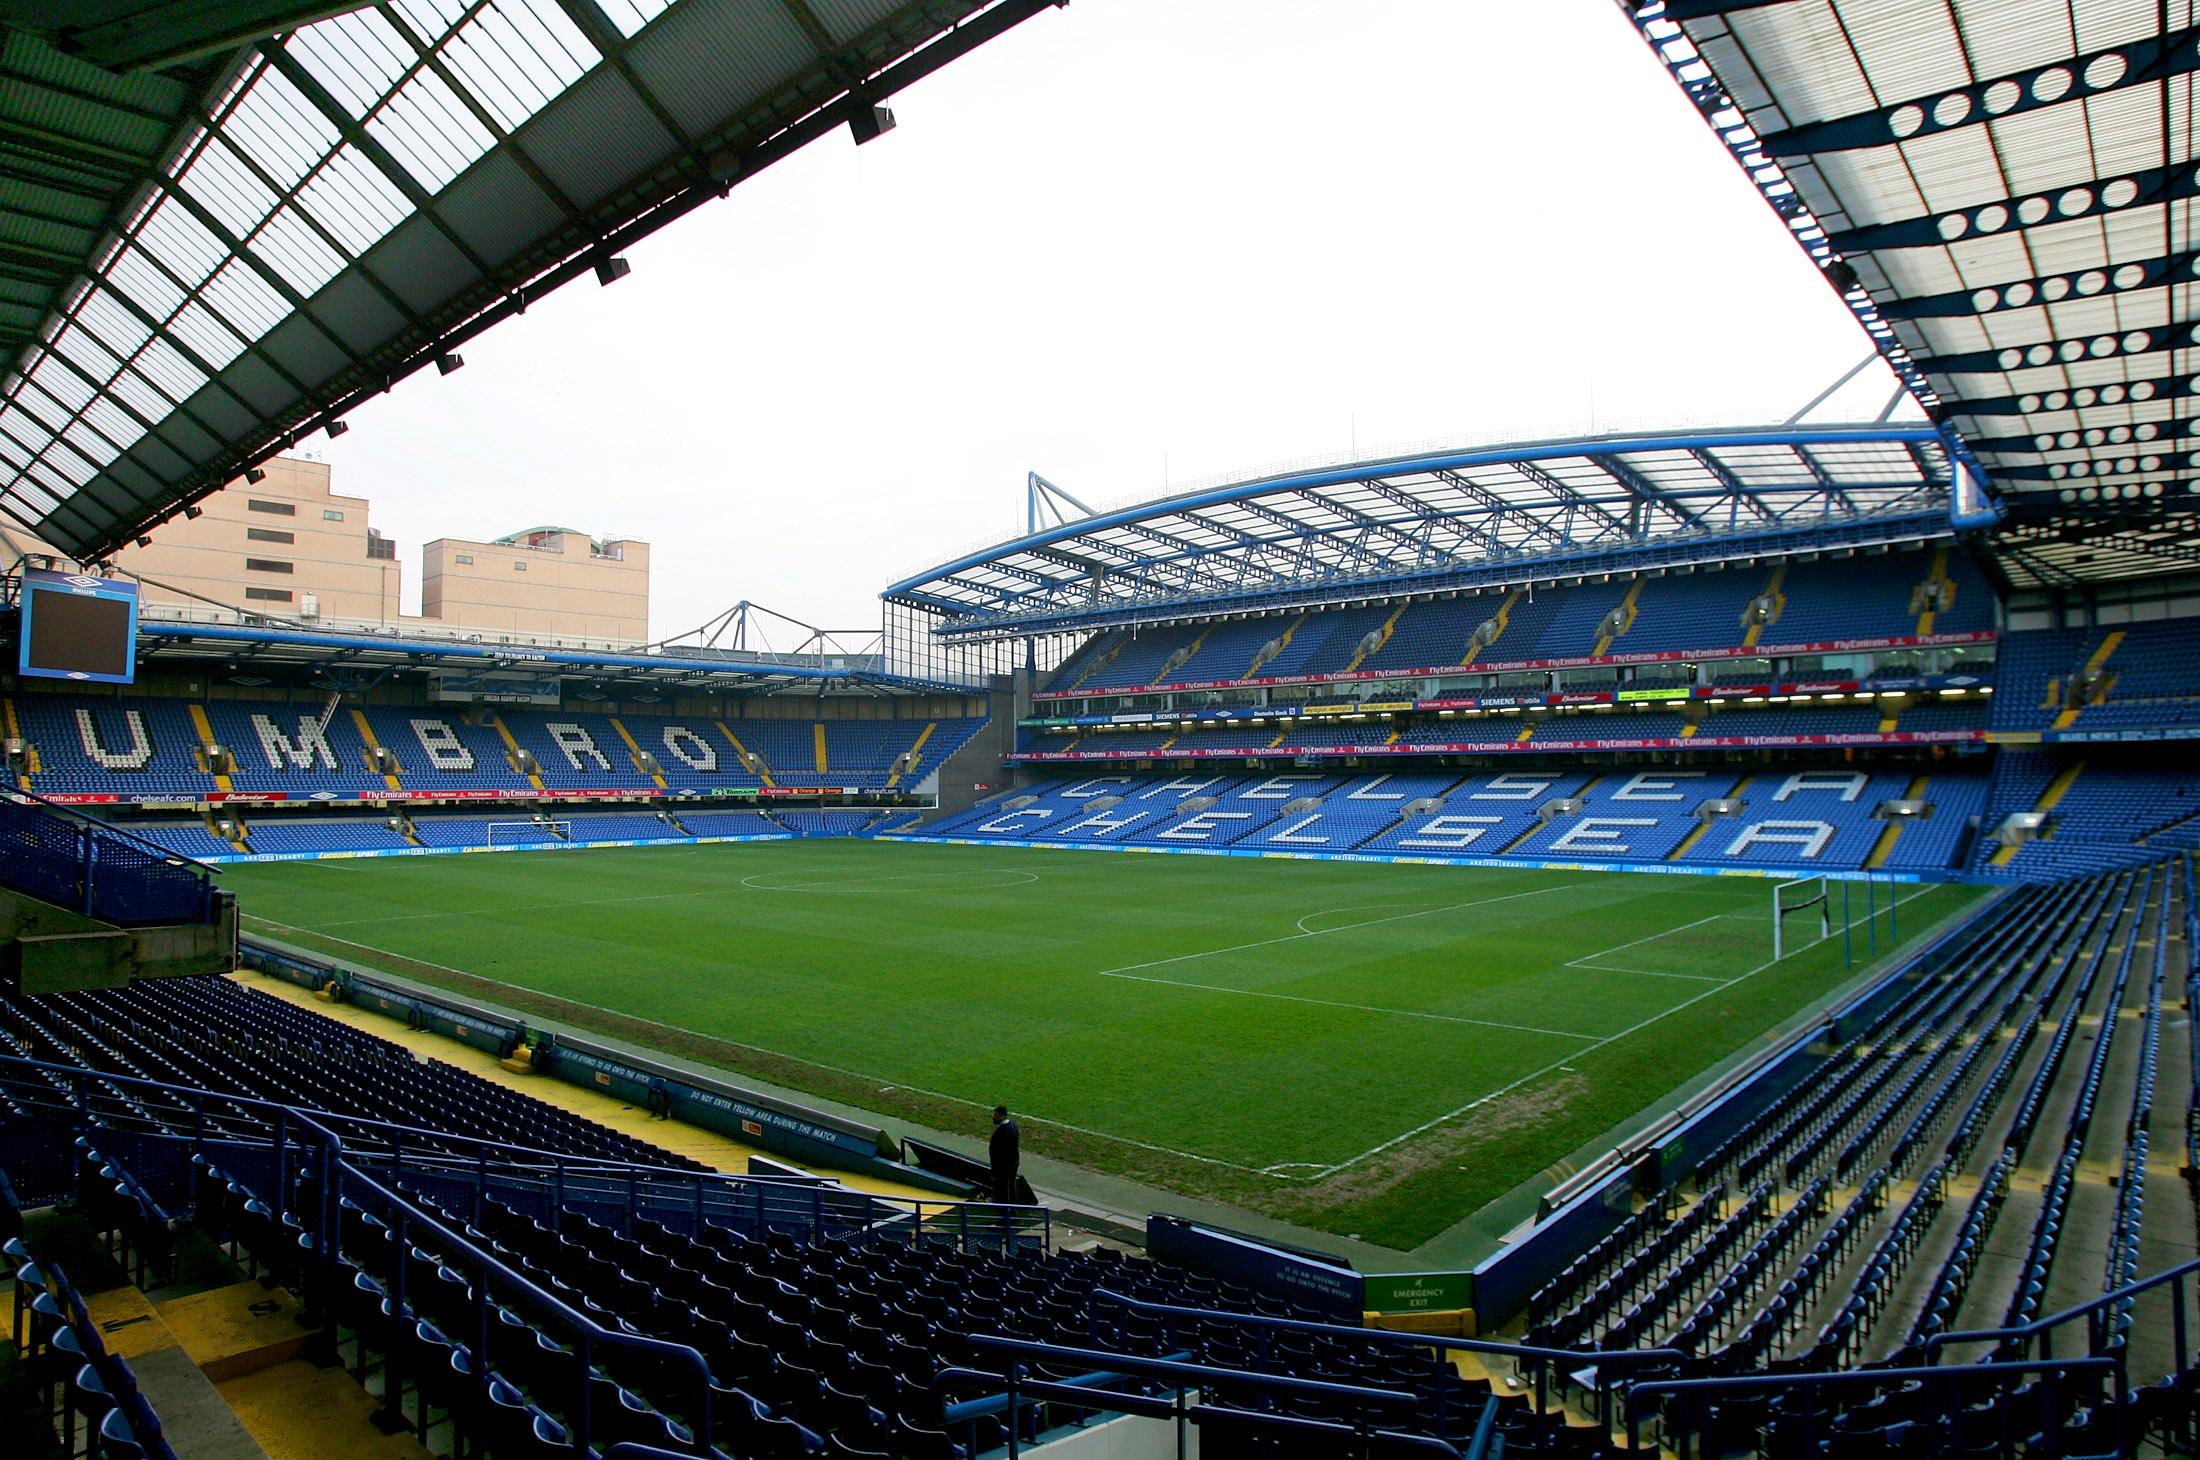 هل يجرى نهائي دوري أبطال أوروبا في إنجلترا ؟